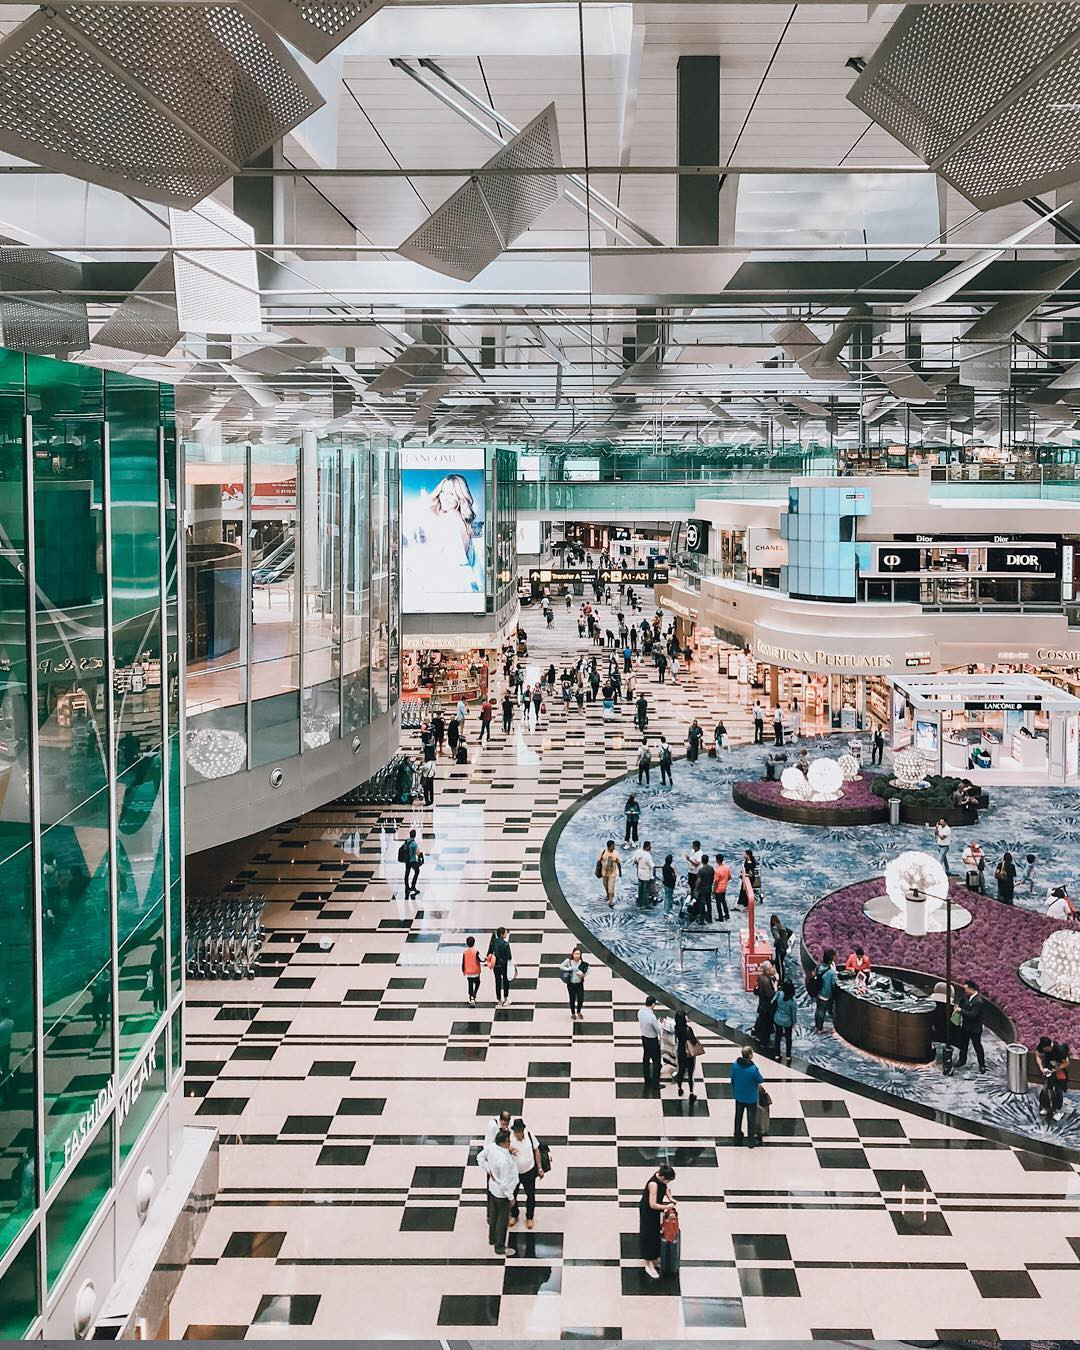 Kết quả hình ảnh cho sân bay changi